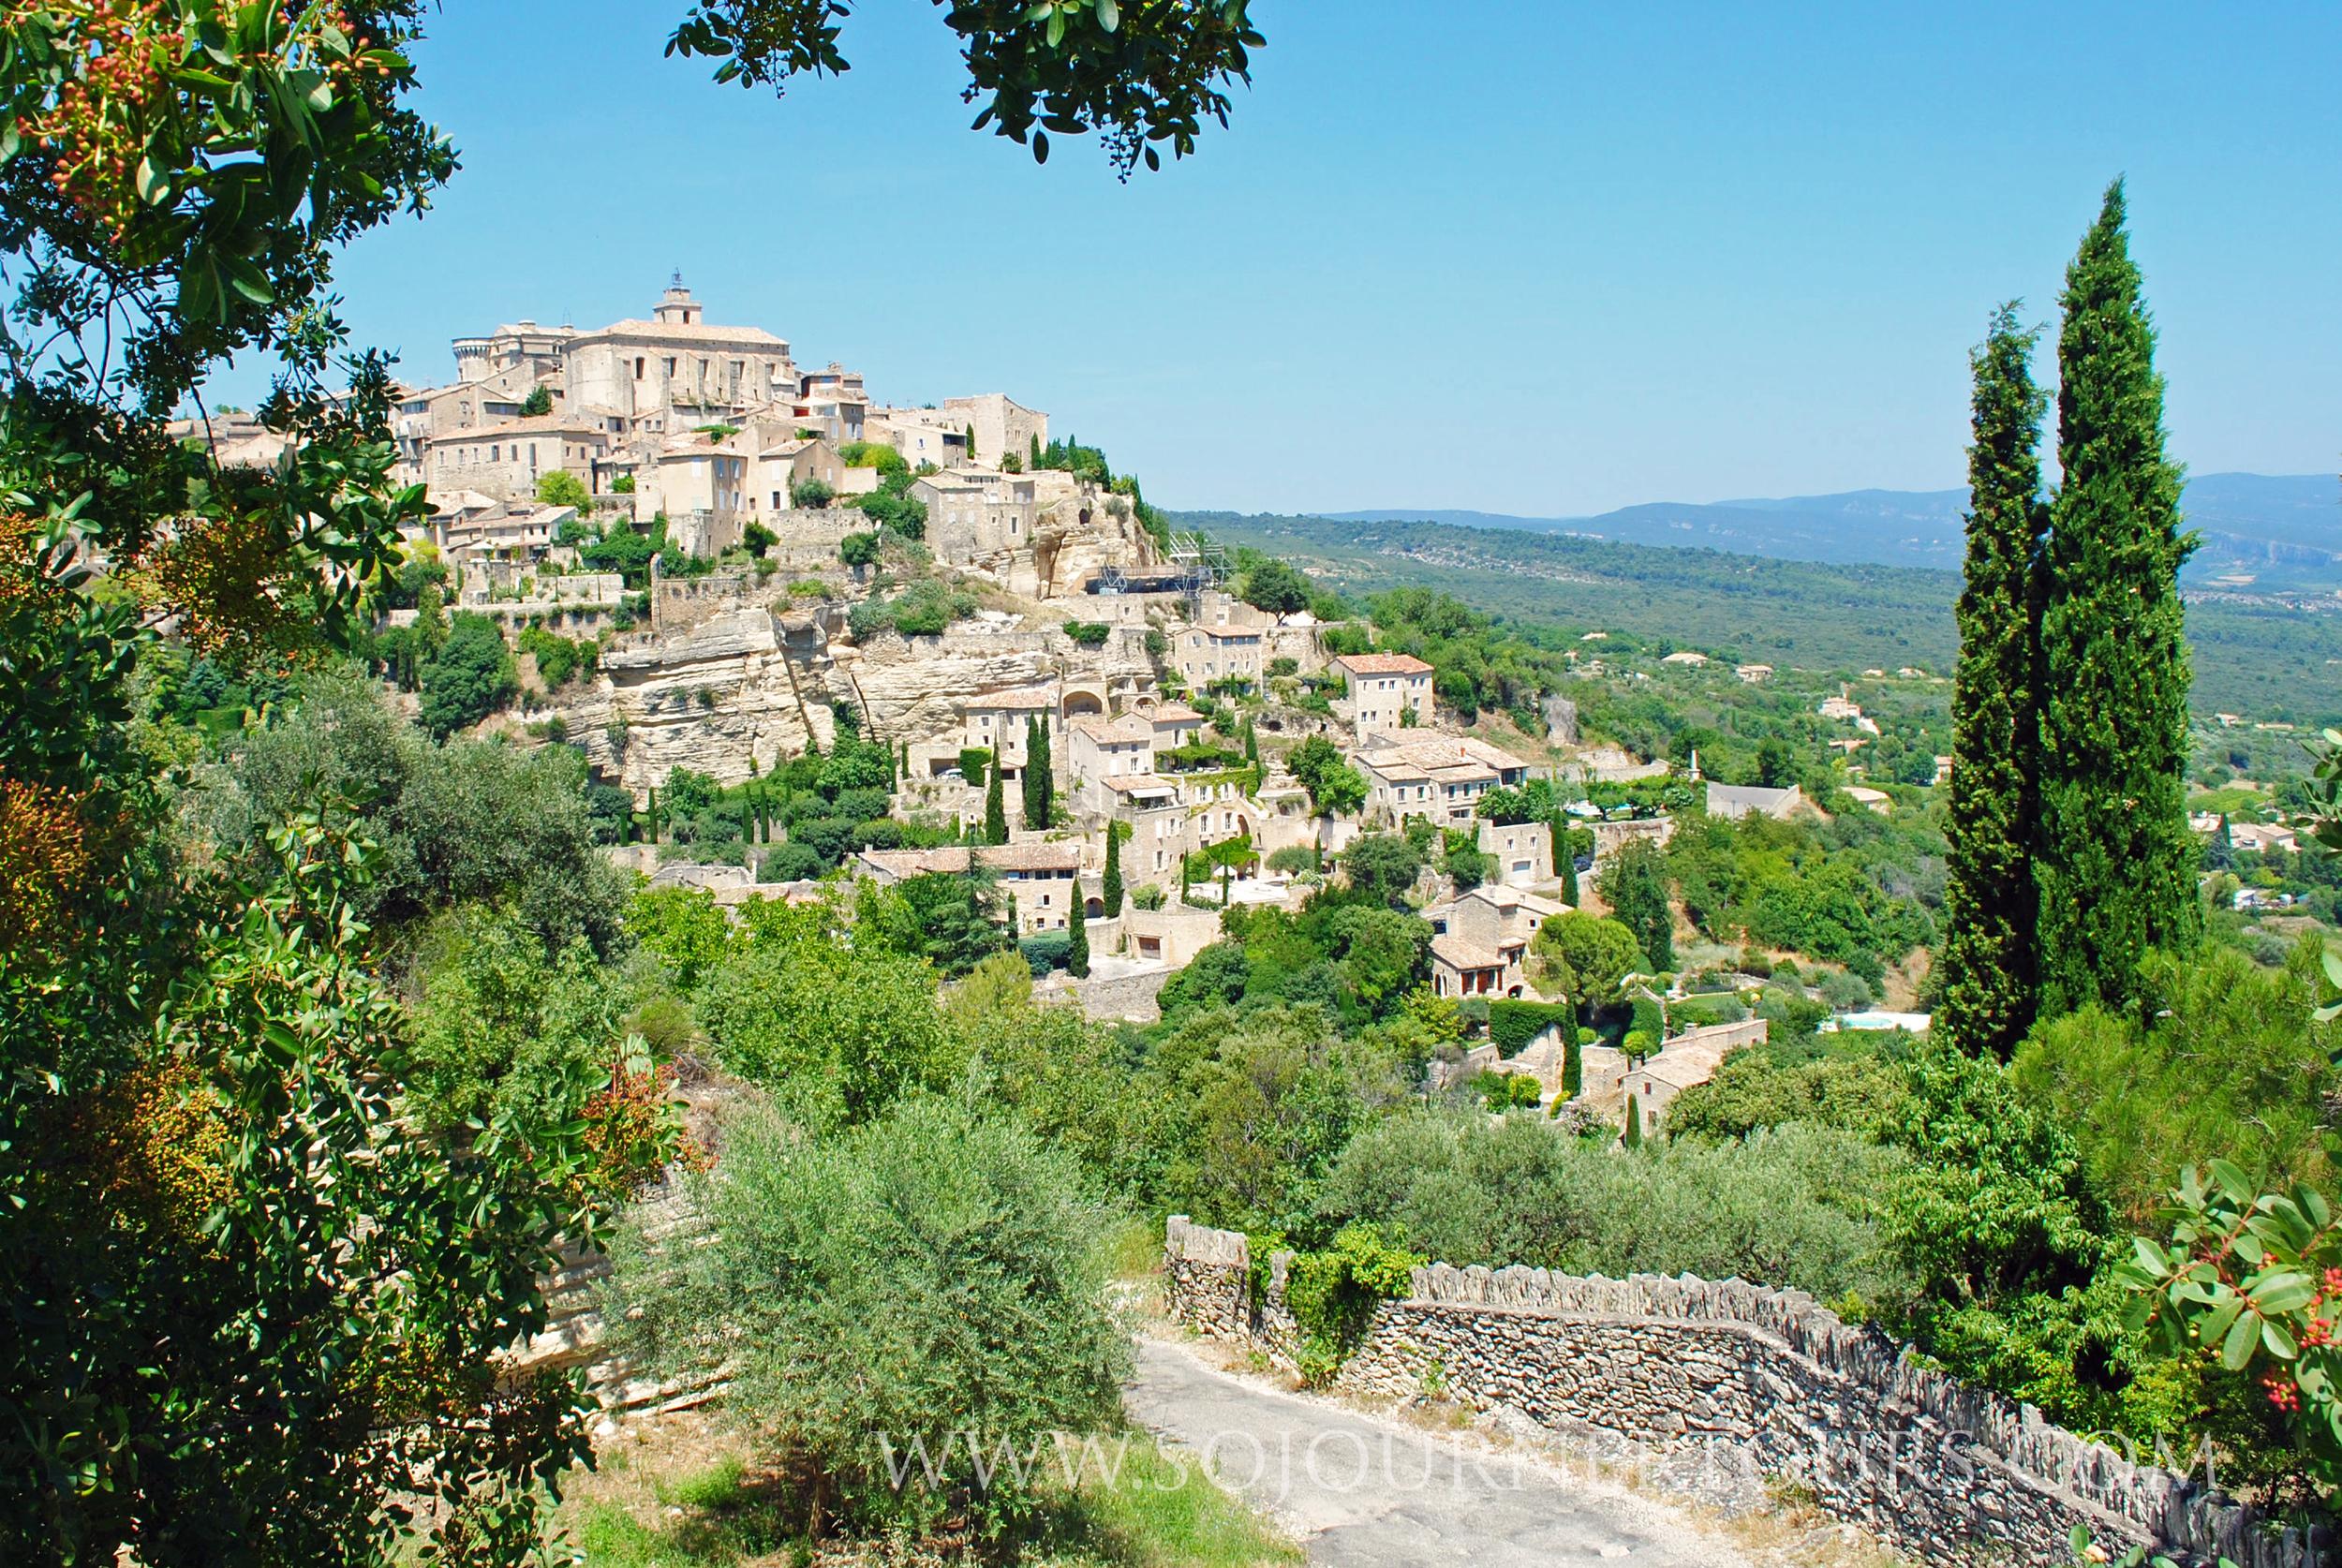 Gorde, France: Sojourner Tours